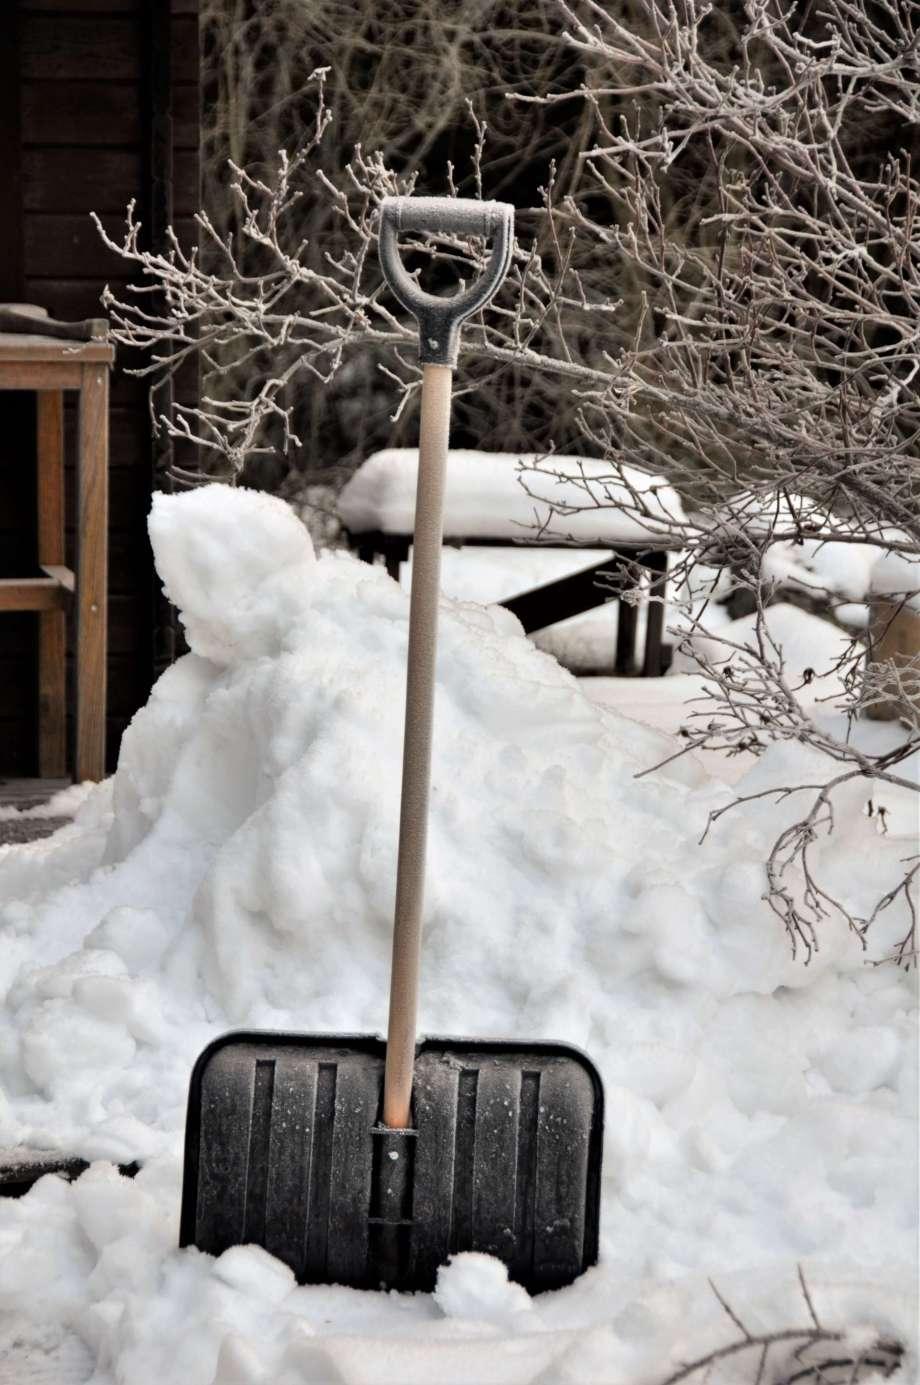 snöskyffel framför snöhög